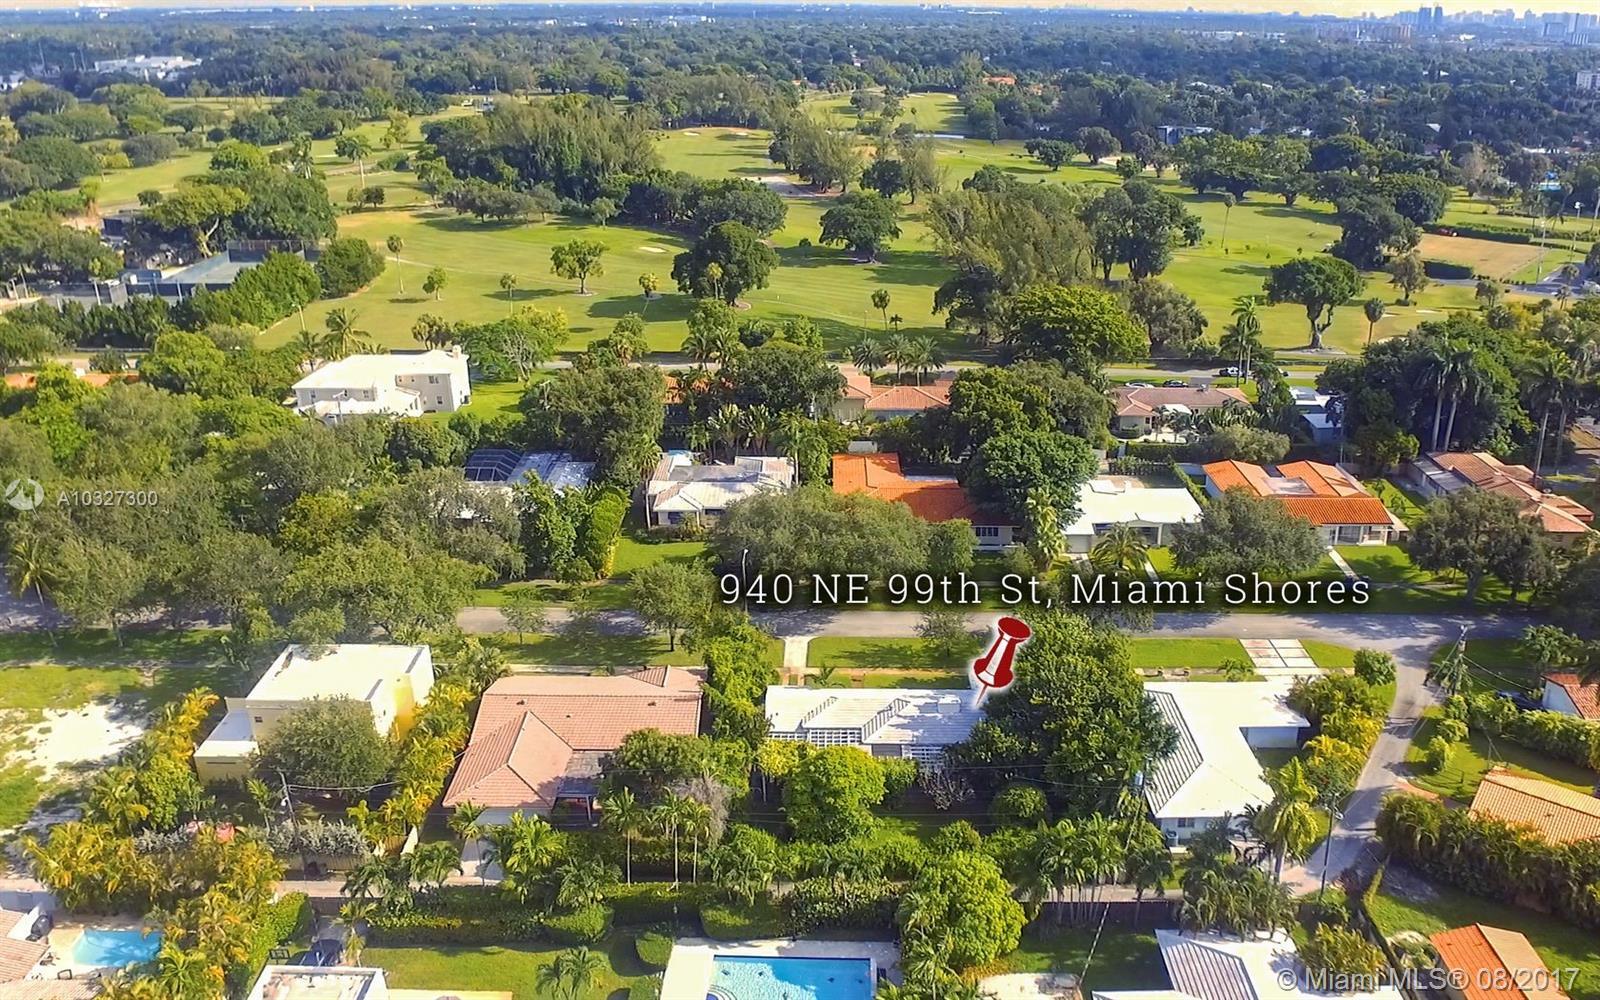 940 NE 99th St, Miami Shores , FL 33138